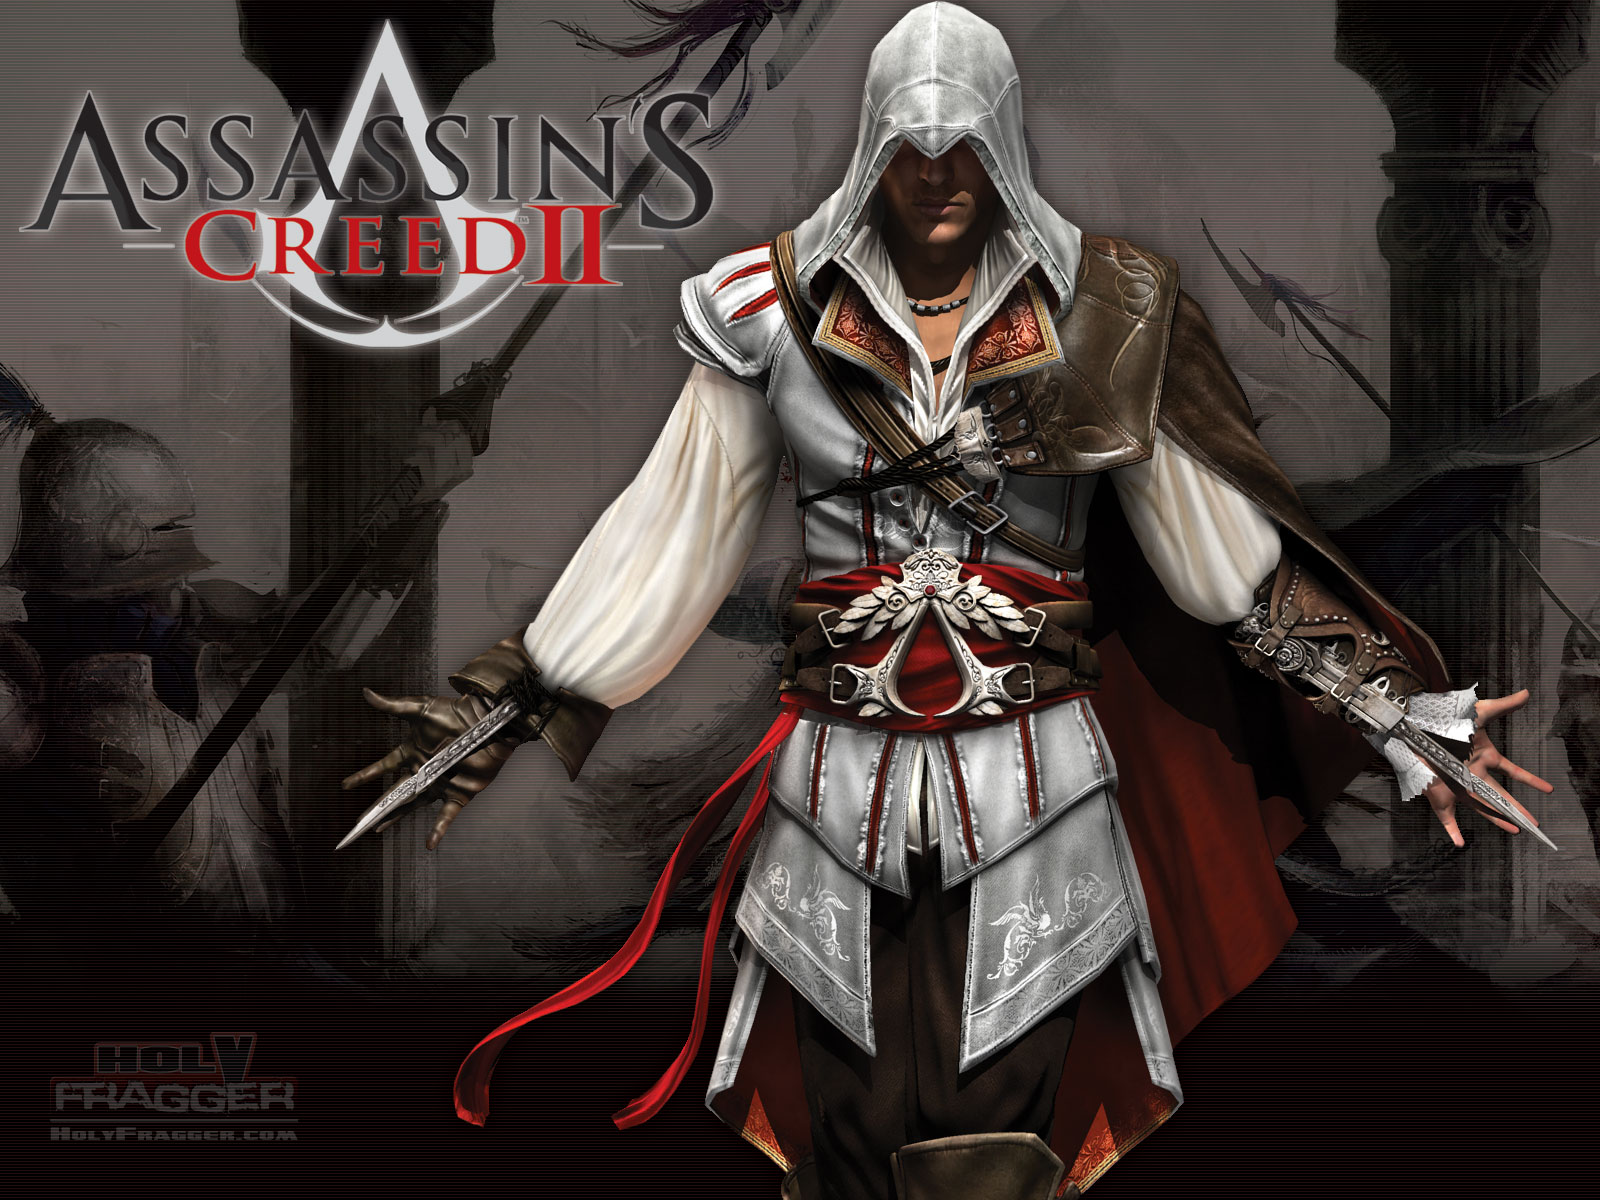 Assassins Creed 3 скачать торрент бесплатно на PC